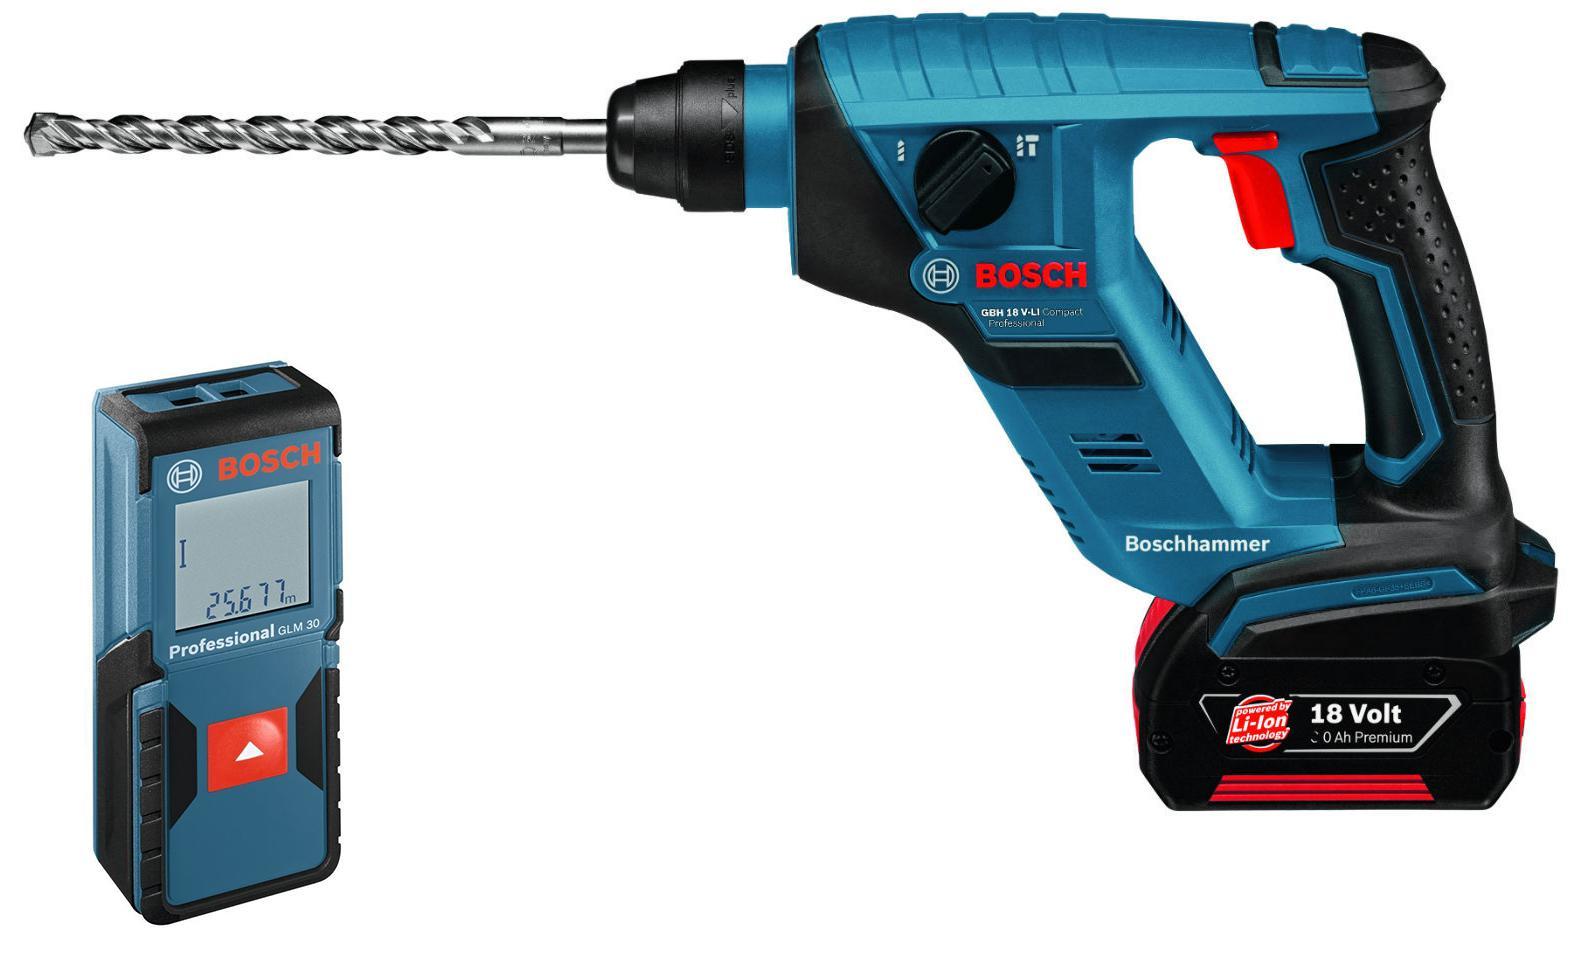 Набор Bosch Перфоратор 611905300 gbh 18 v-li compact (0.611.905.300) +Дальномер glm 30 (0.601.072.500)